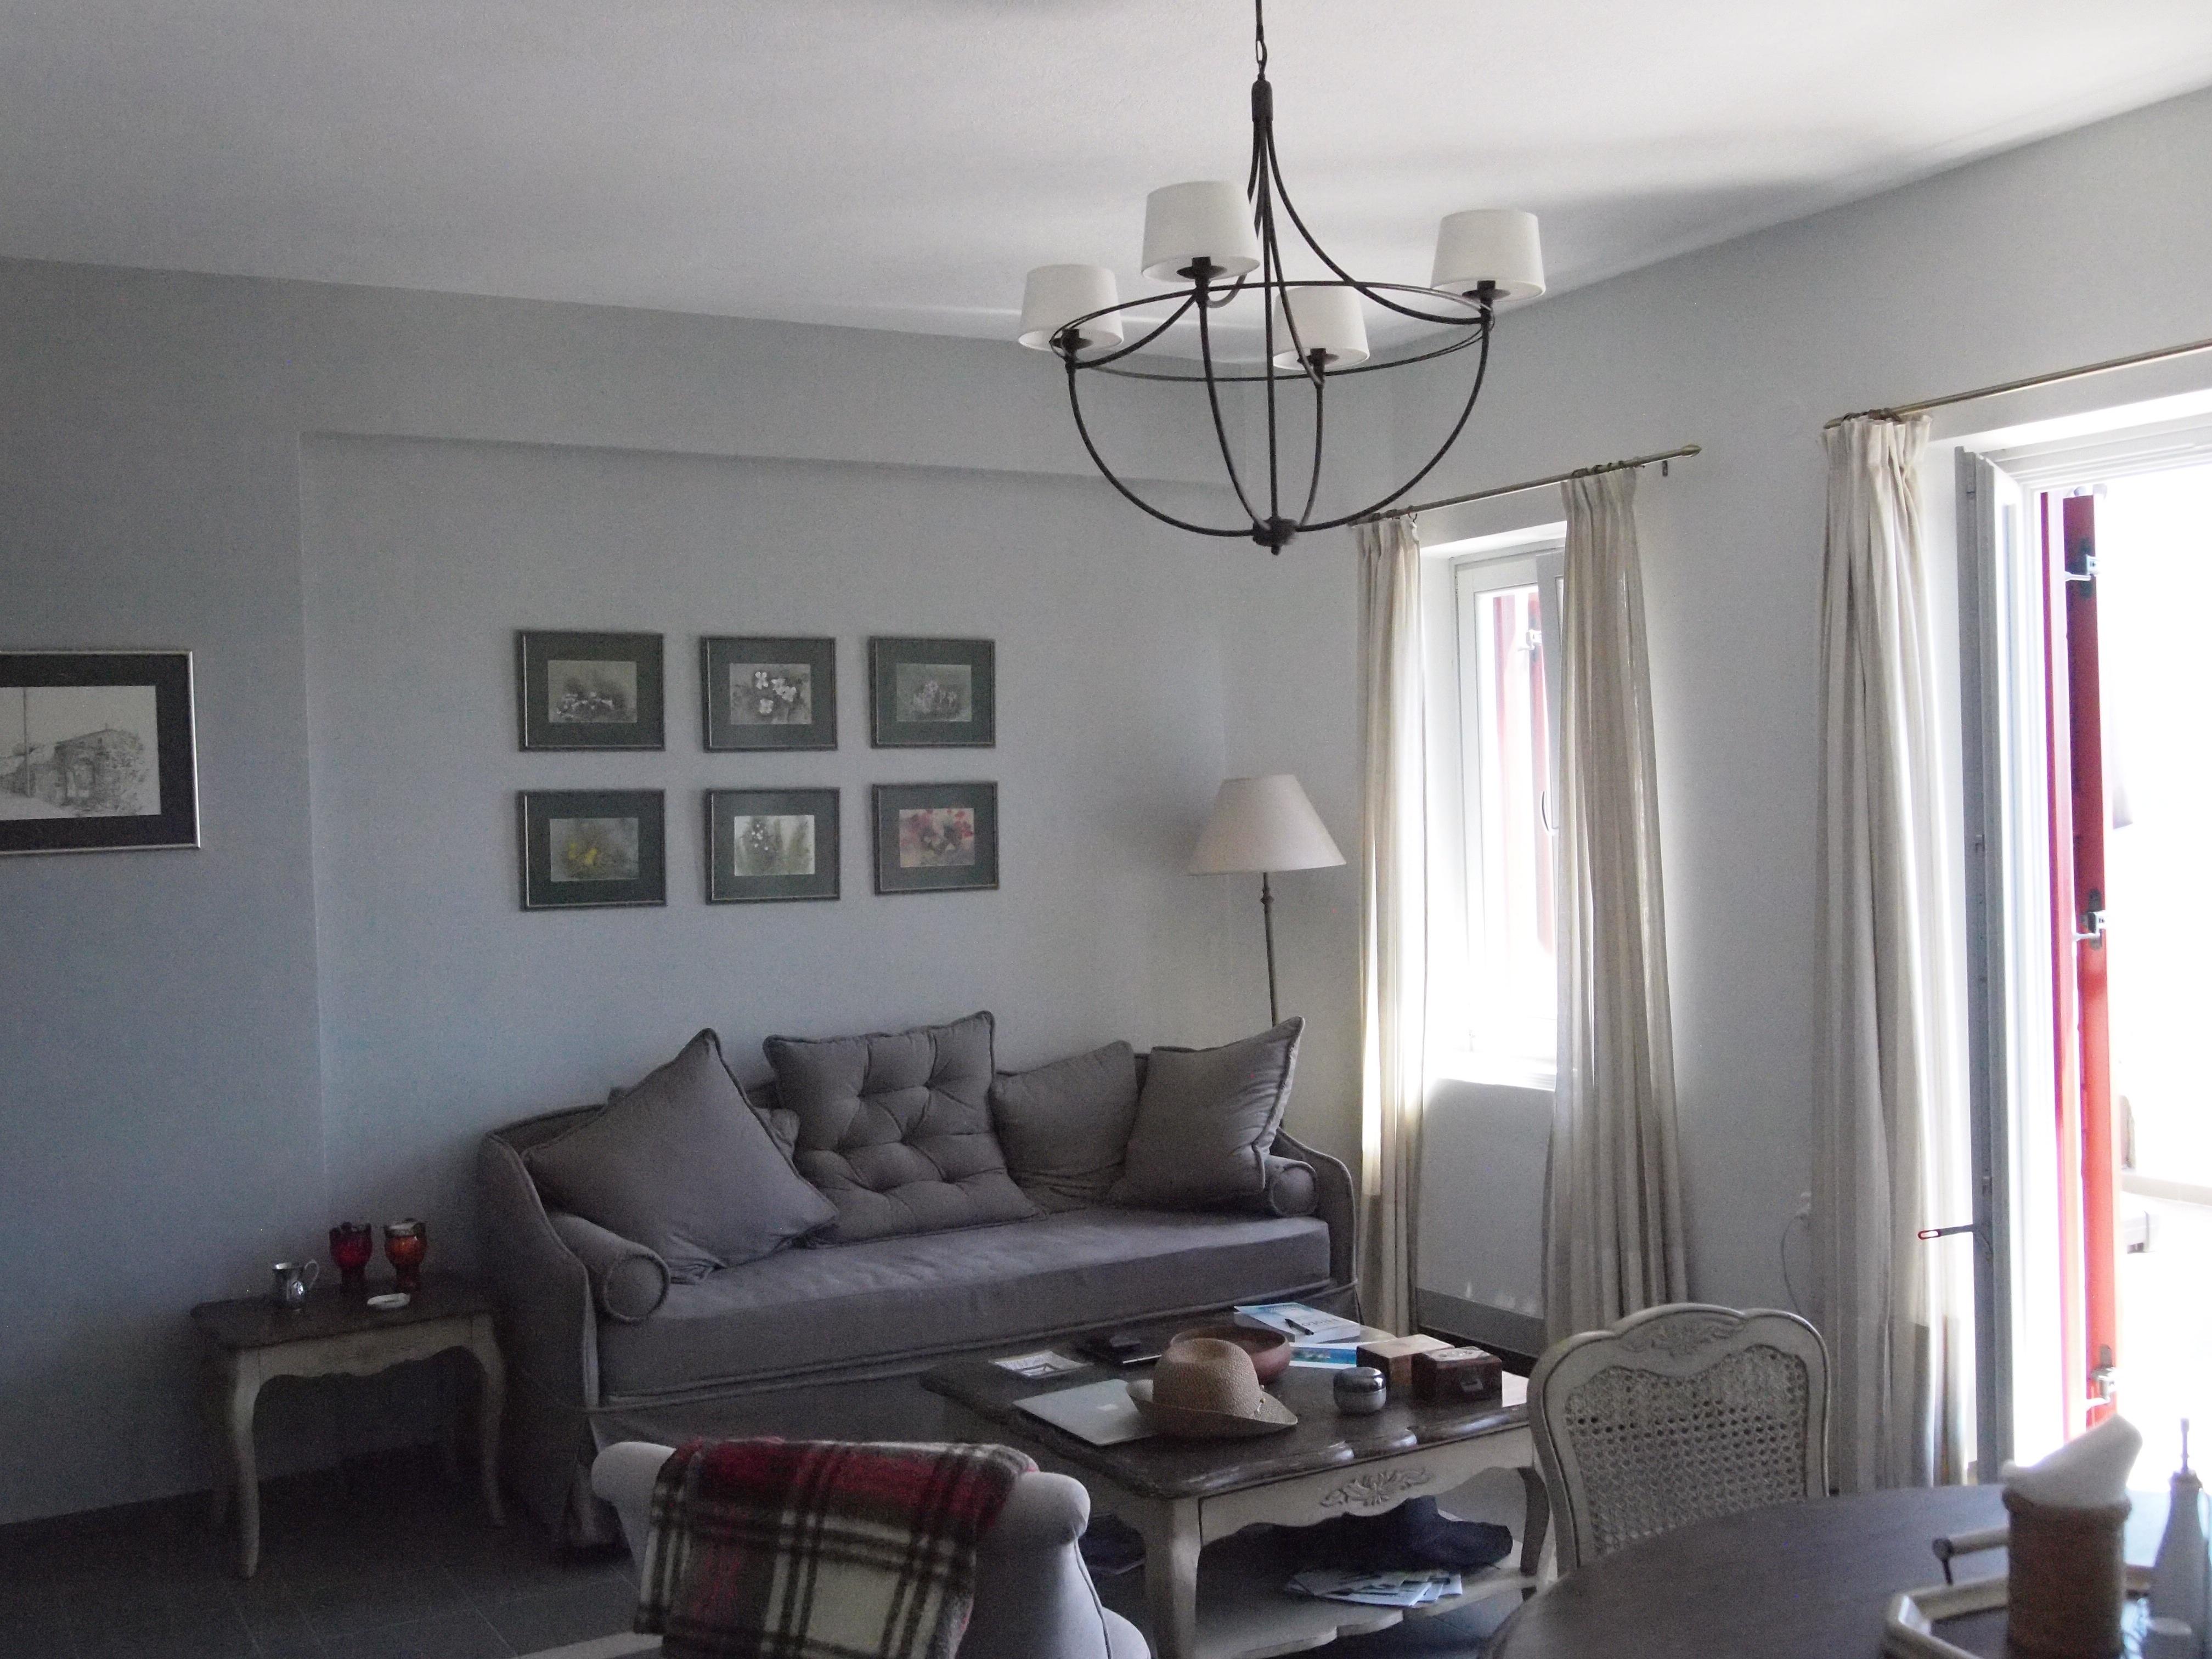 Aetheria's Livingroom